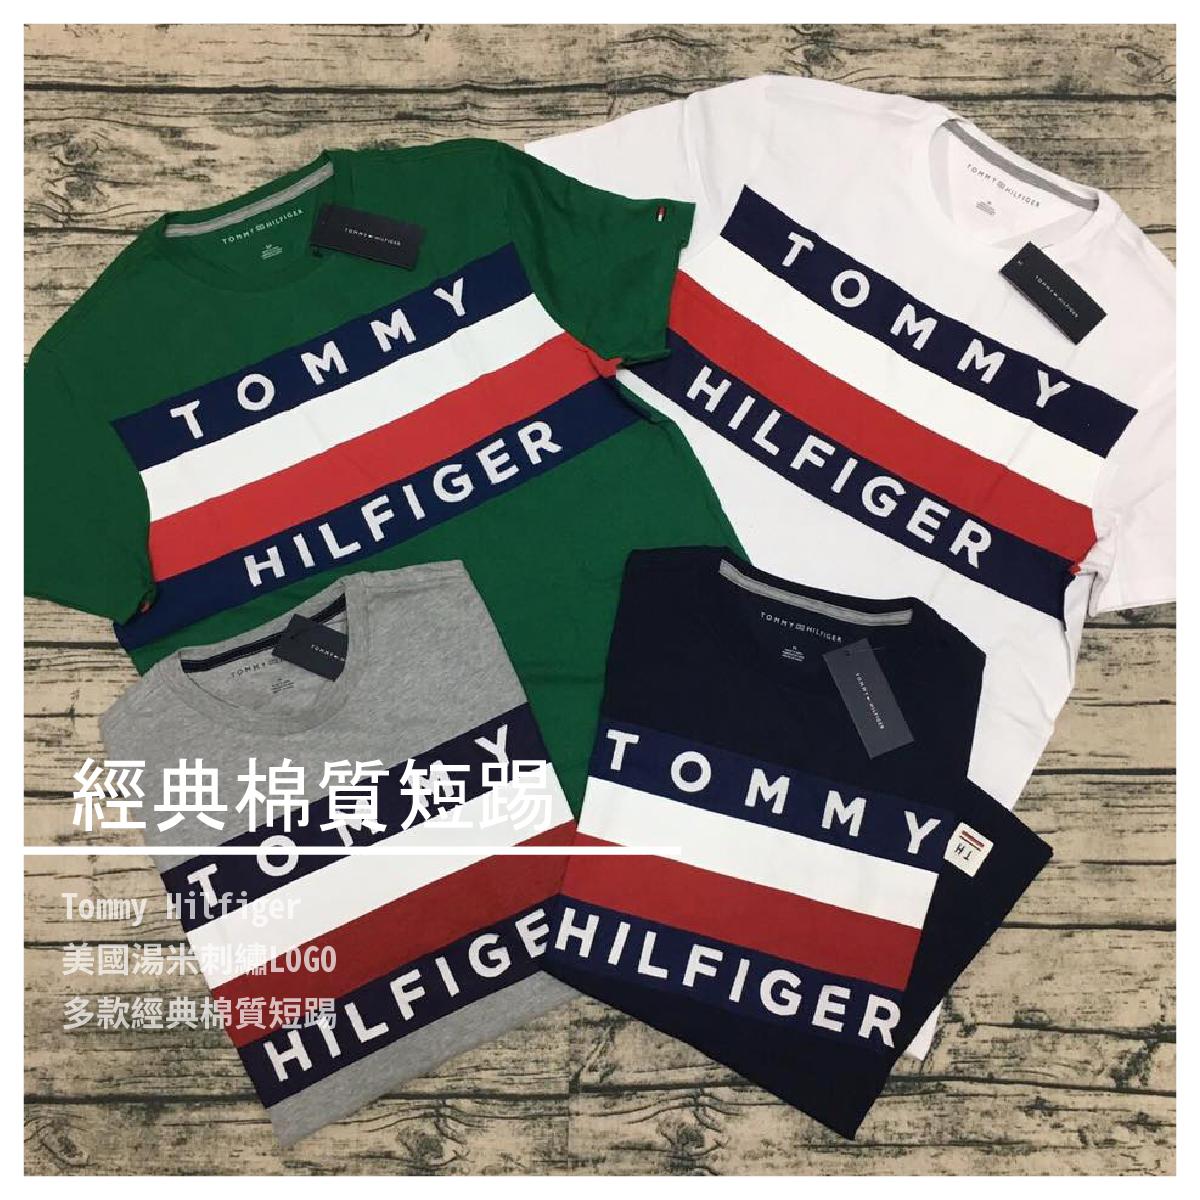 【海鹿馬品味美式生活服飾】Tommy Hilfiger 美國湯米刺繡LOGO經典棉質短踢 / 5款